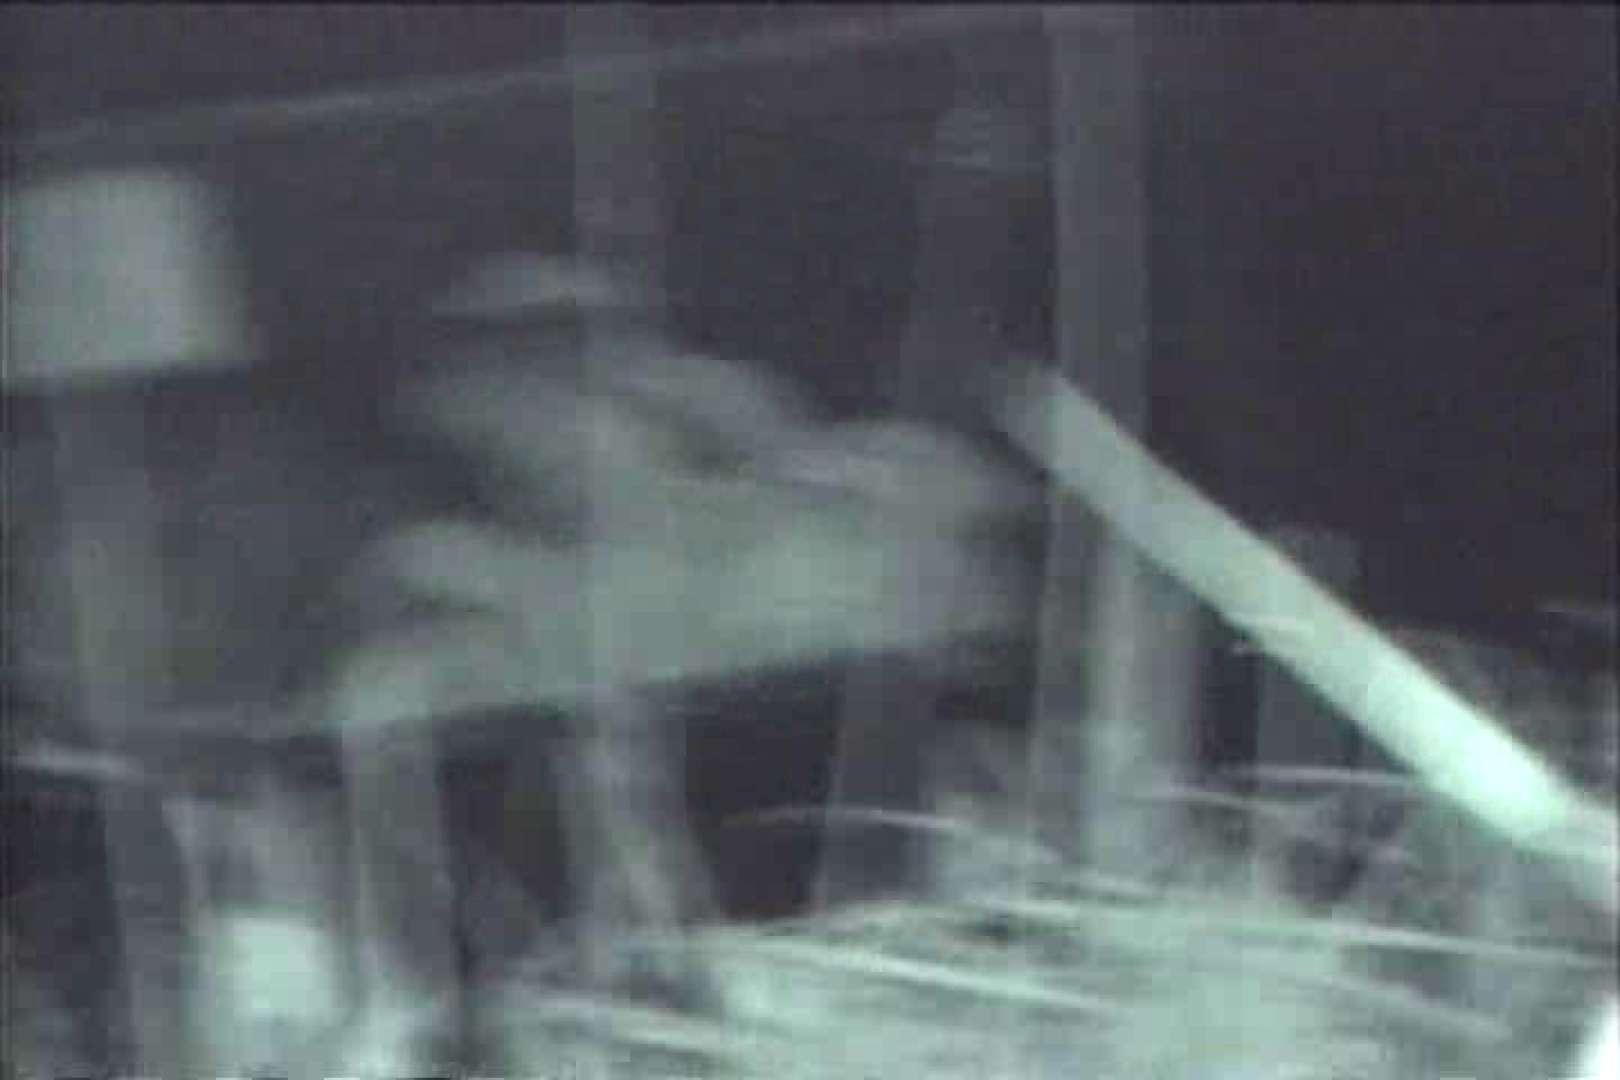 車の中はラブホテル 無修正版  Vol.16 セックス オマンコ動画キャプチャ 86PIX 26